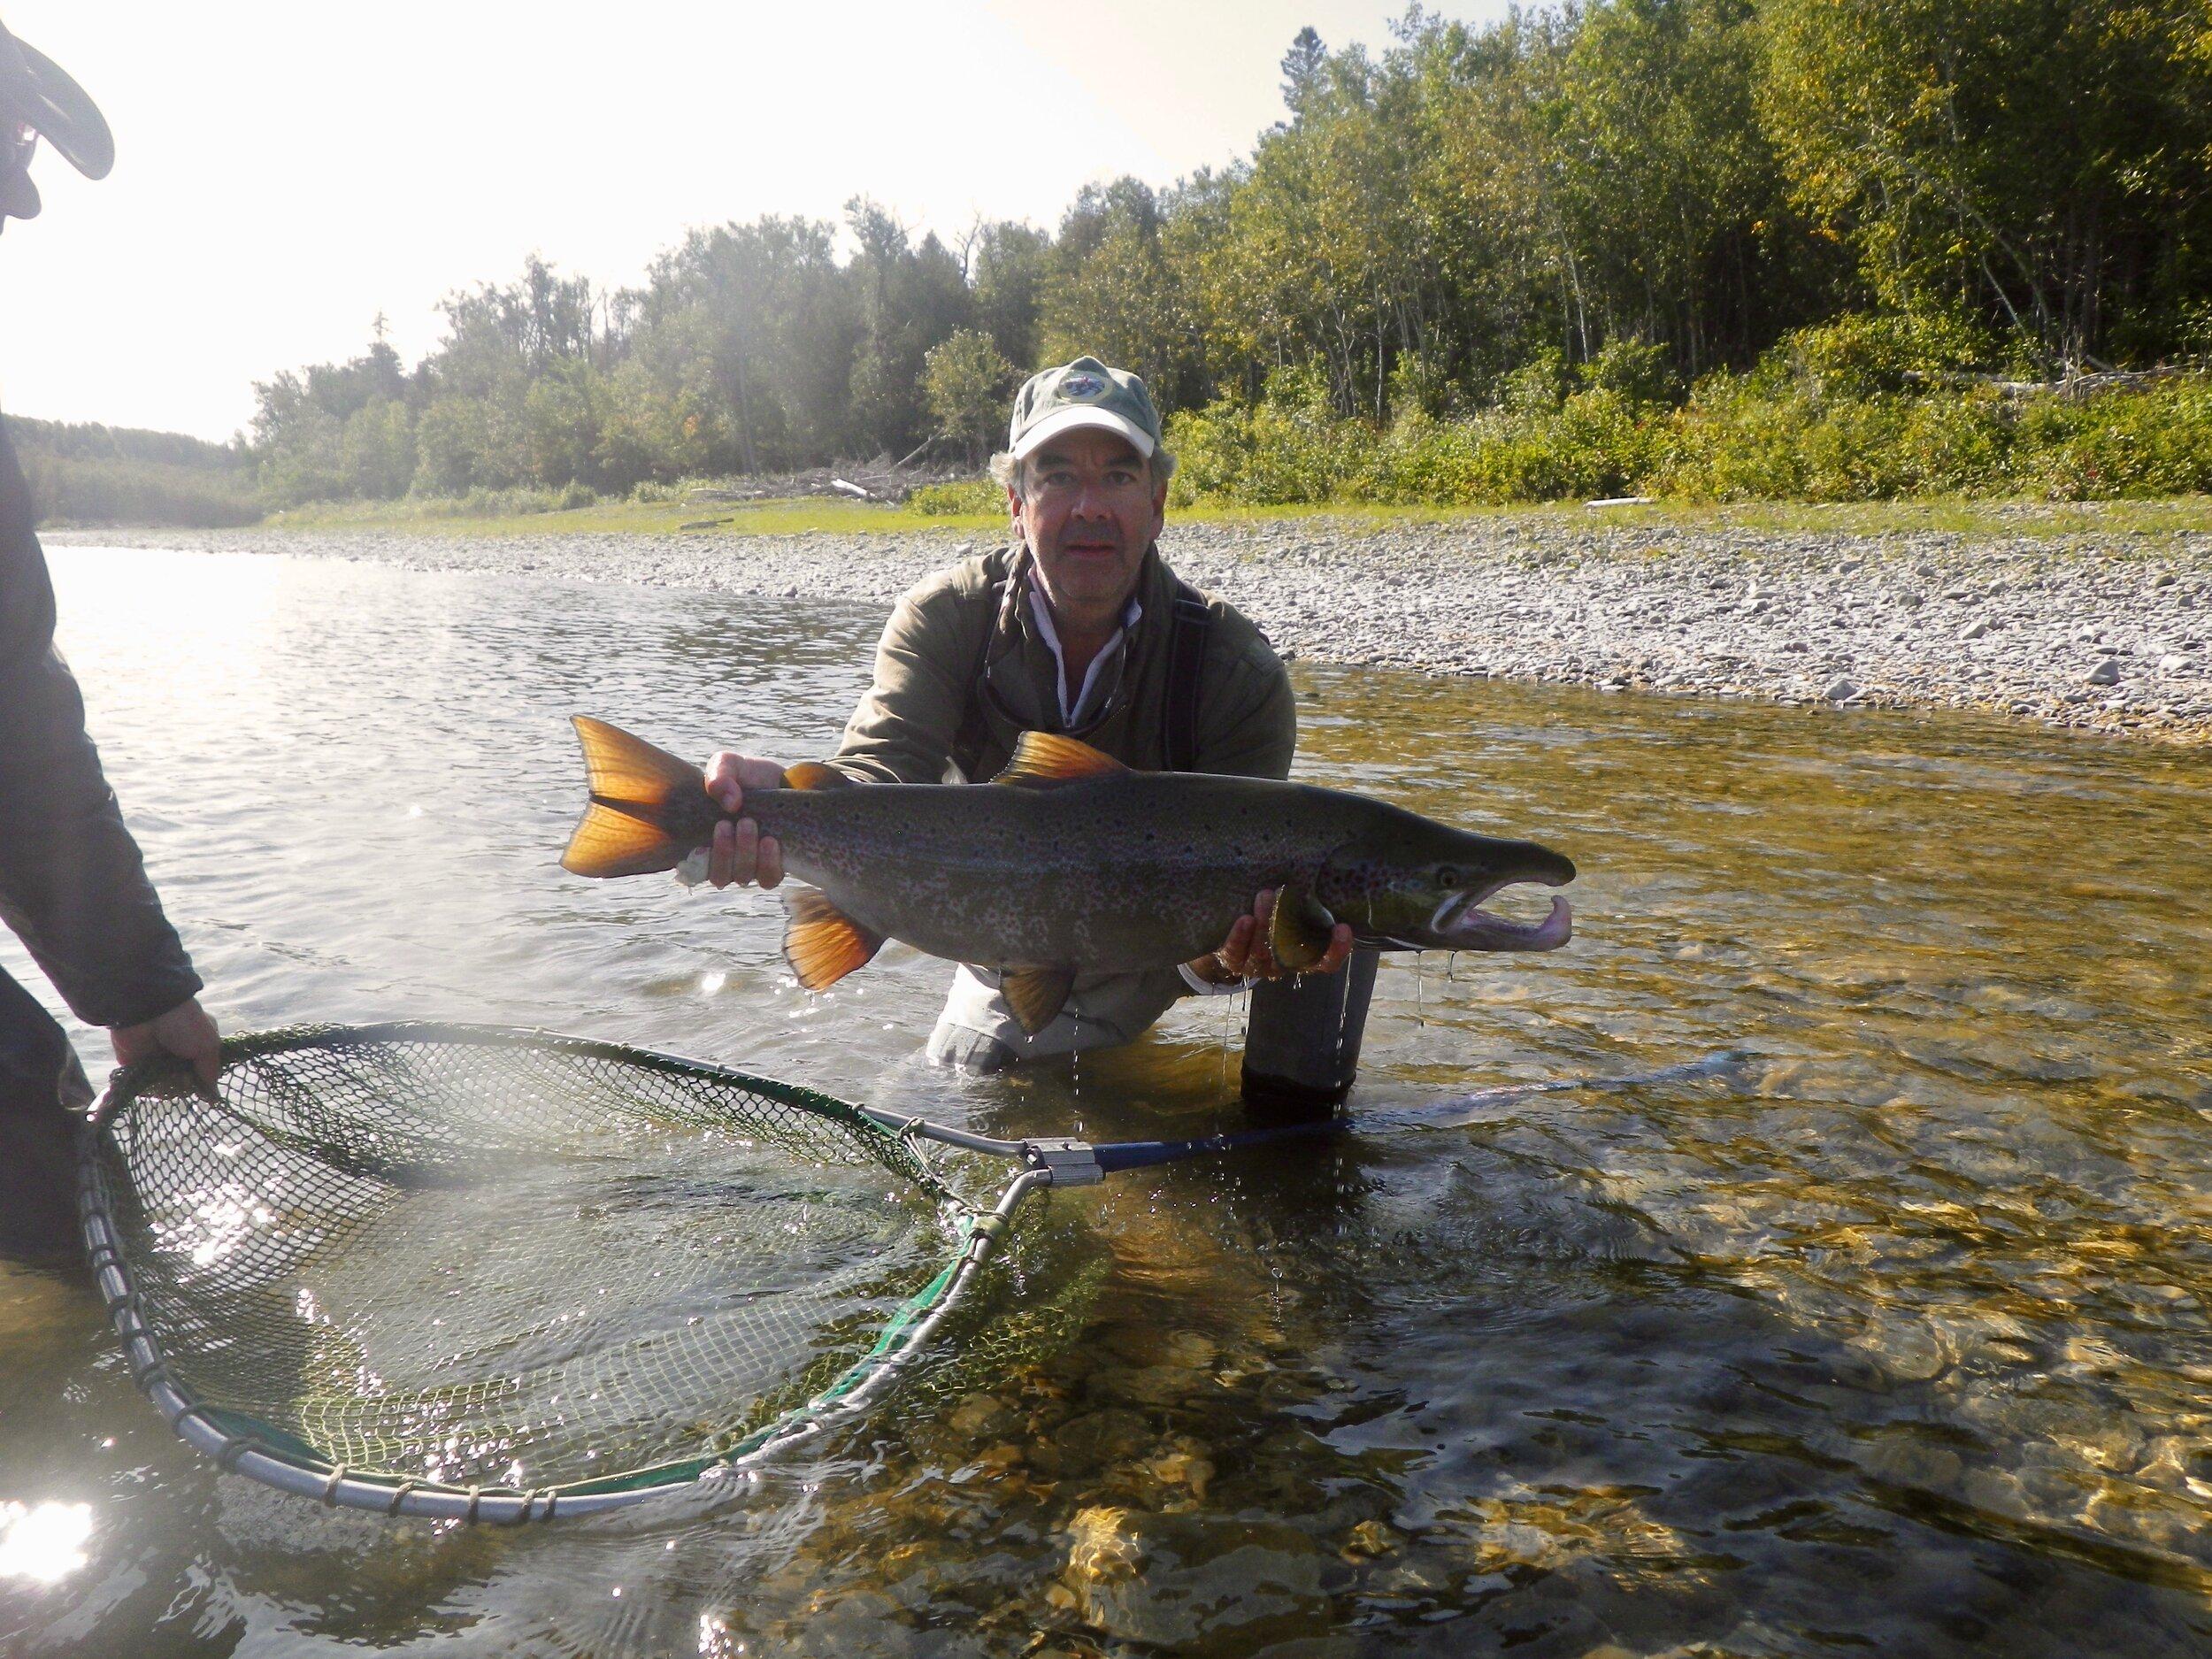 Gardi Willis n'était jamais venu au Camp Bonaventure et je crois bien que les rivières ont été très généreuses pour lui. Le voici avec un magnifique saumon capturé dans la rivière Bonaventure.